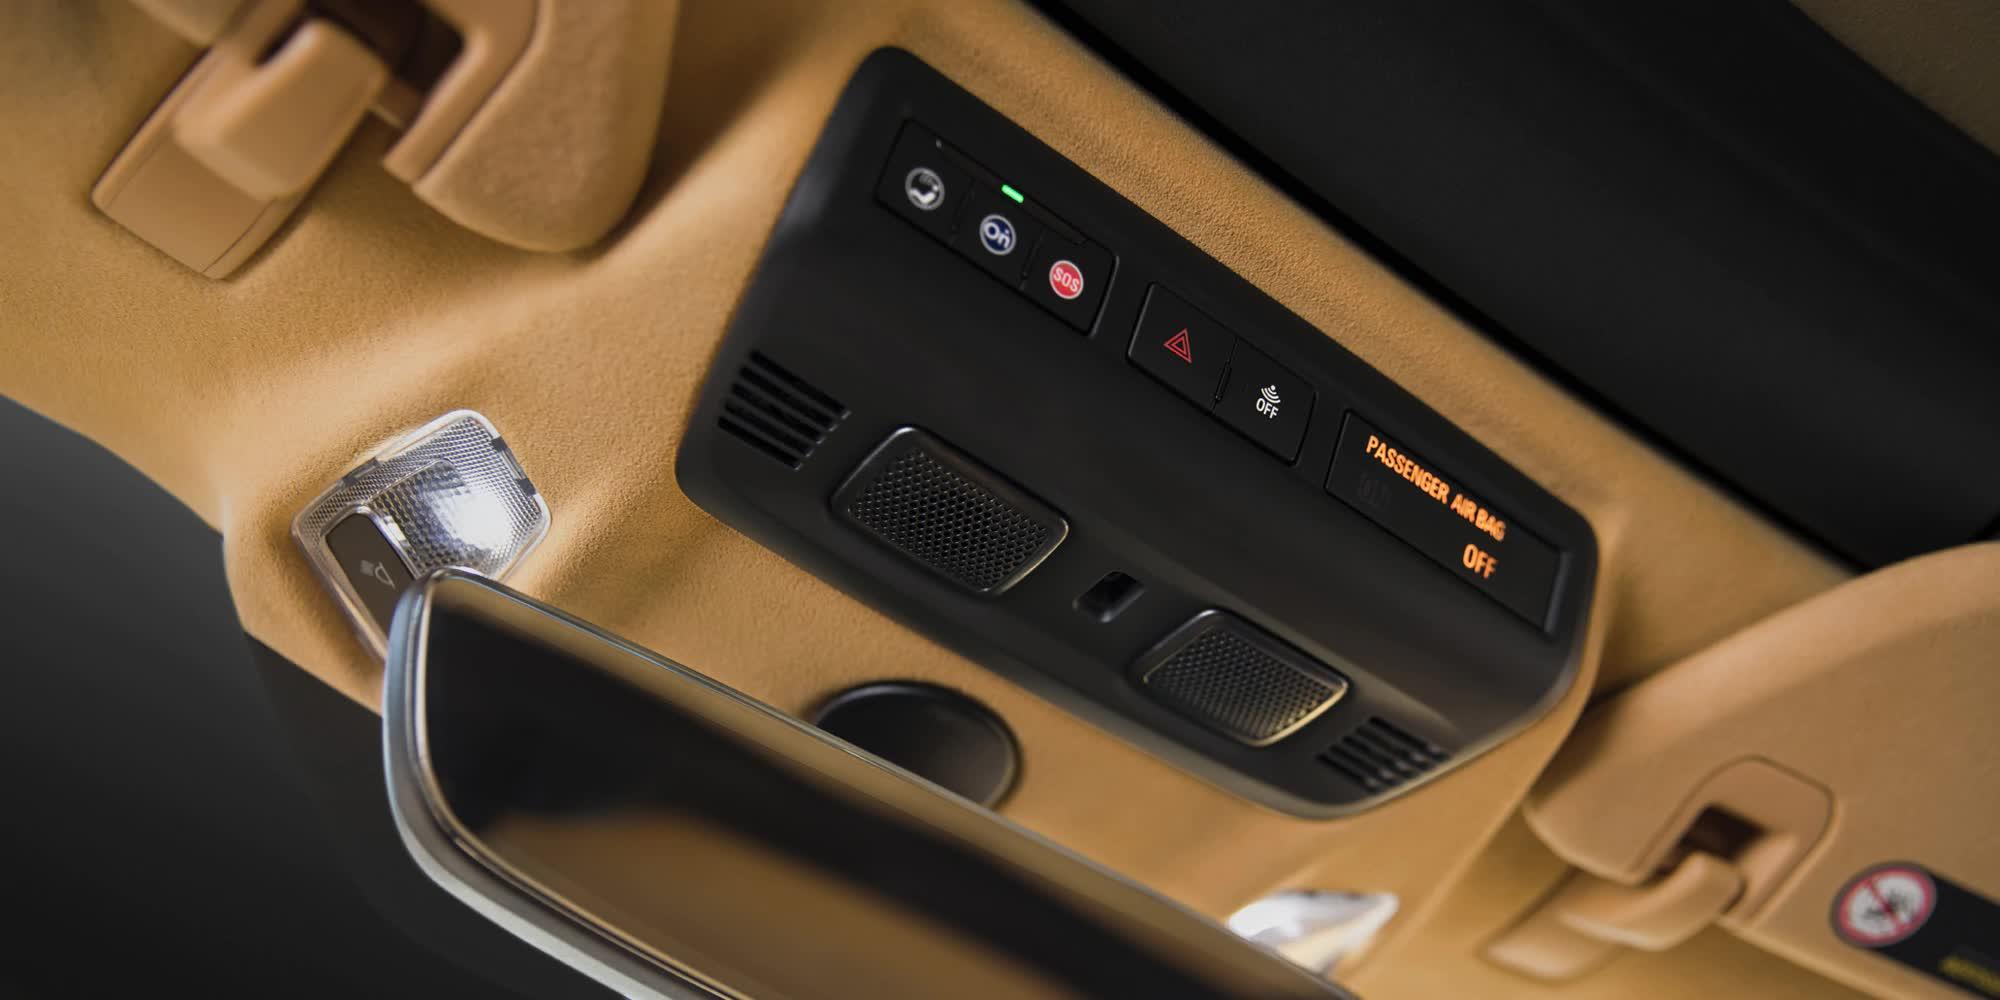 dettagli-comandi-luci-e-specchietto-Corvette-c8-stingray-2020-auto-sportiva-a-motore-centrale-disponibile-con-allestimento-coupe-e-convertible-in-esclusiva-presso-gruppo-cavauto-a-Monza.jpg